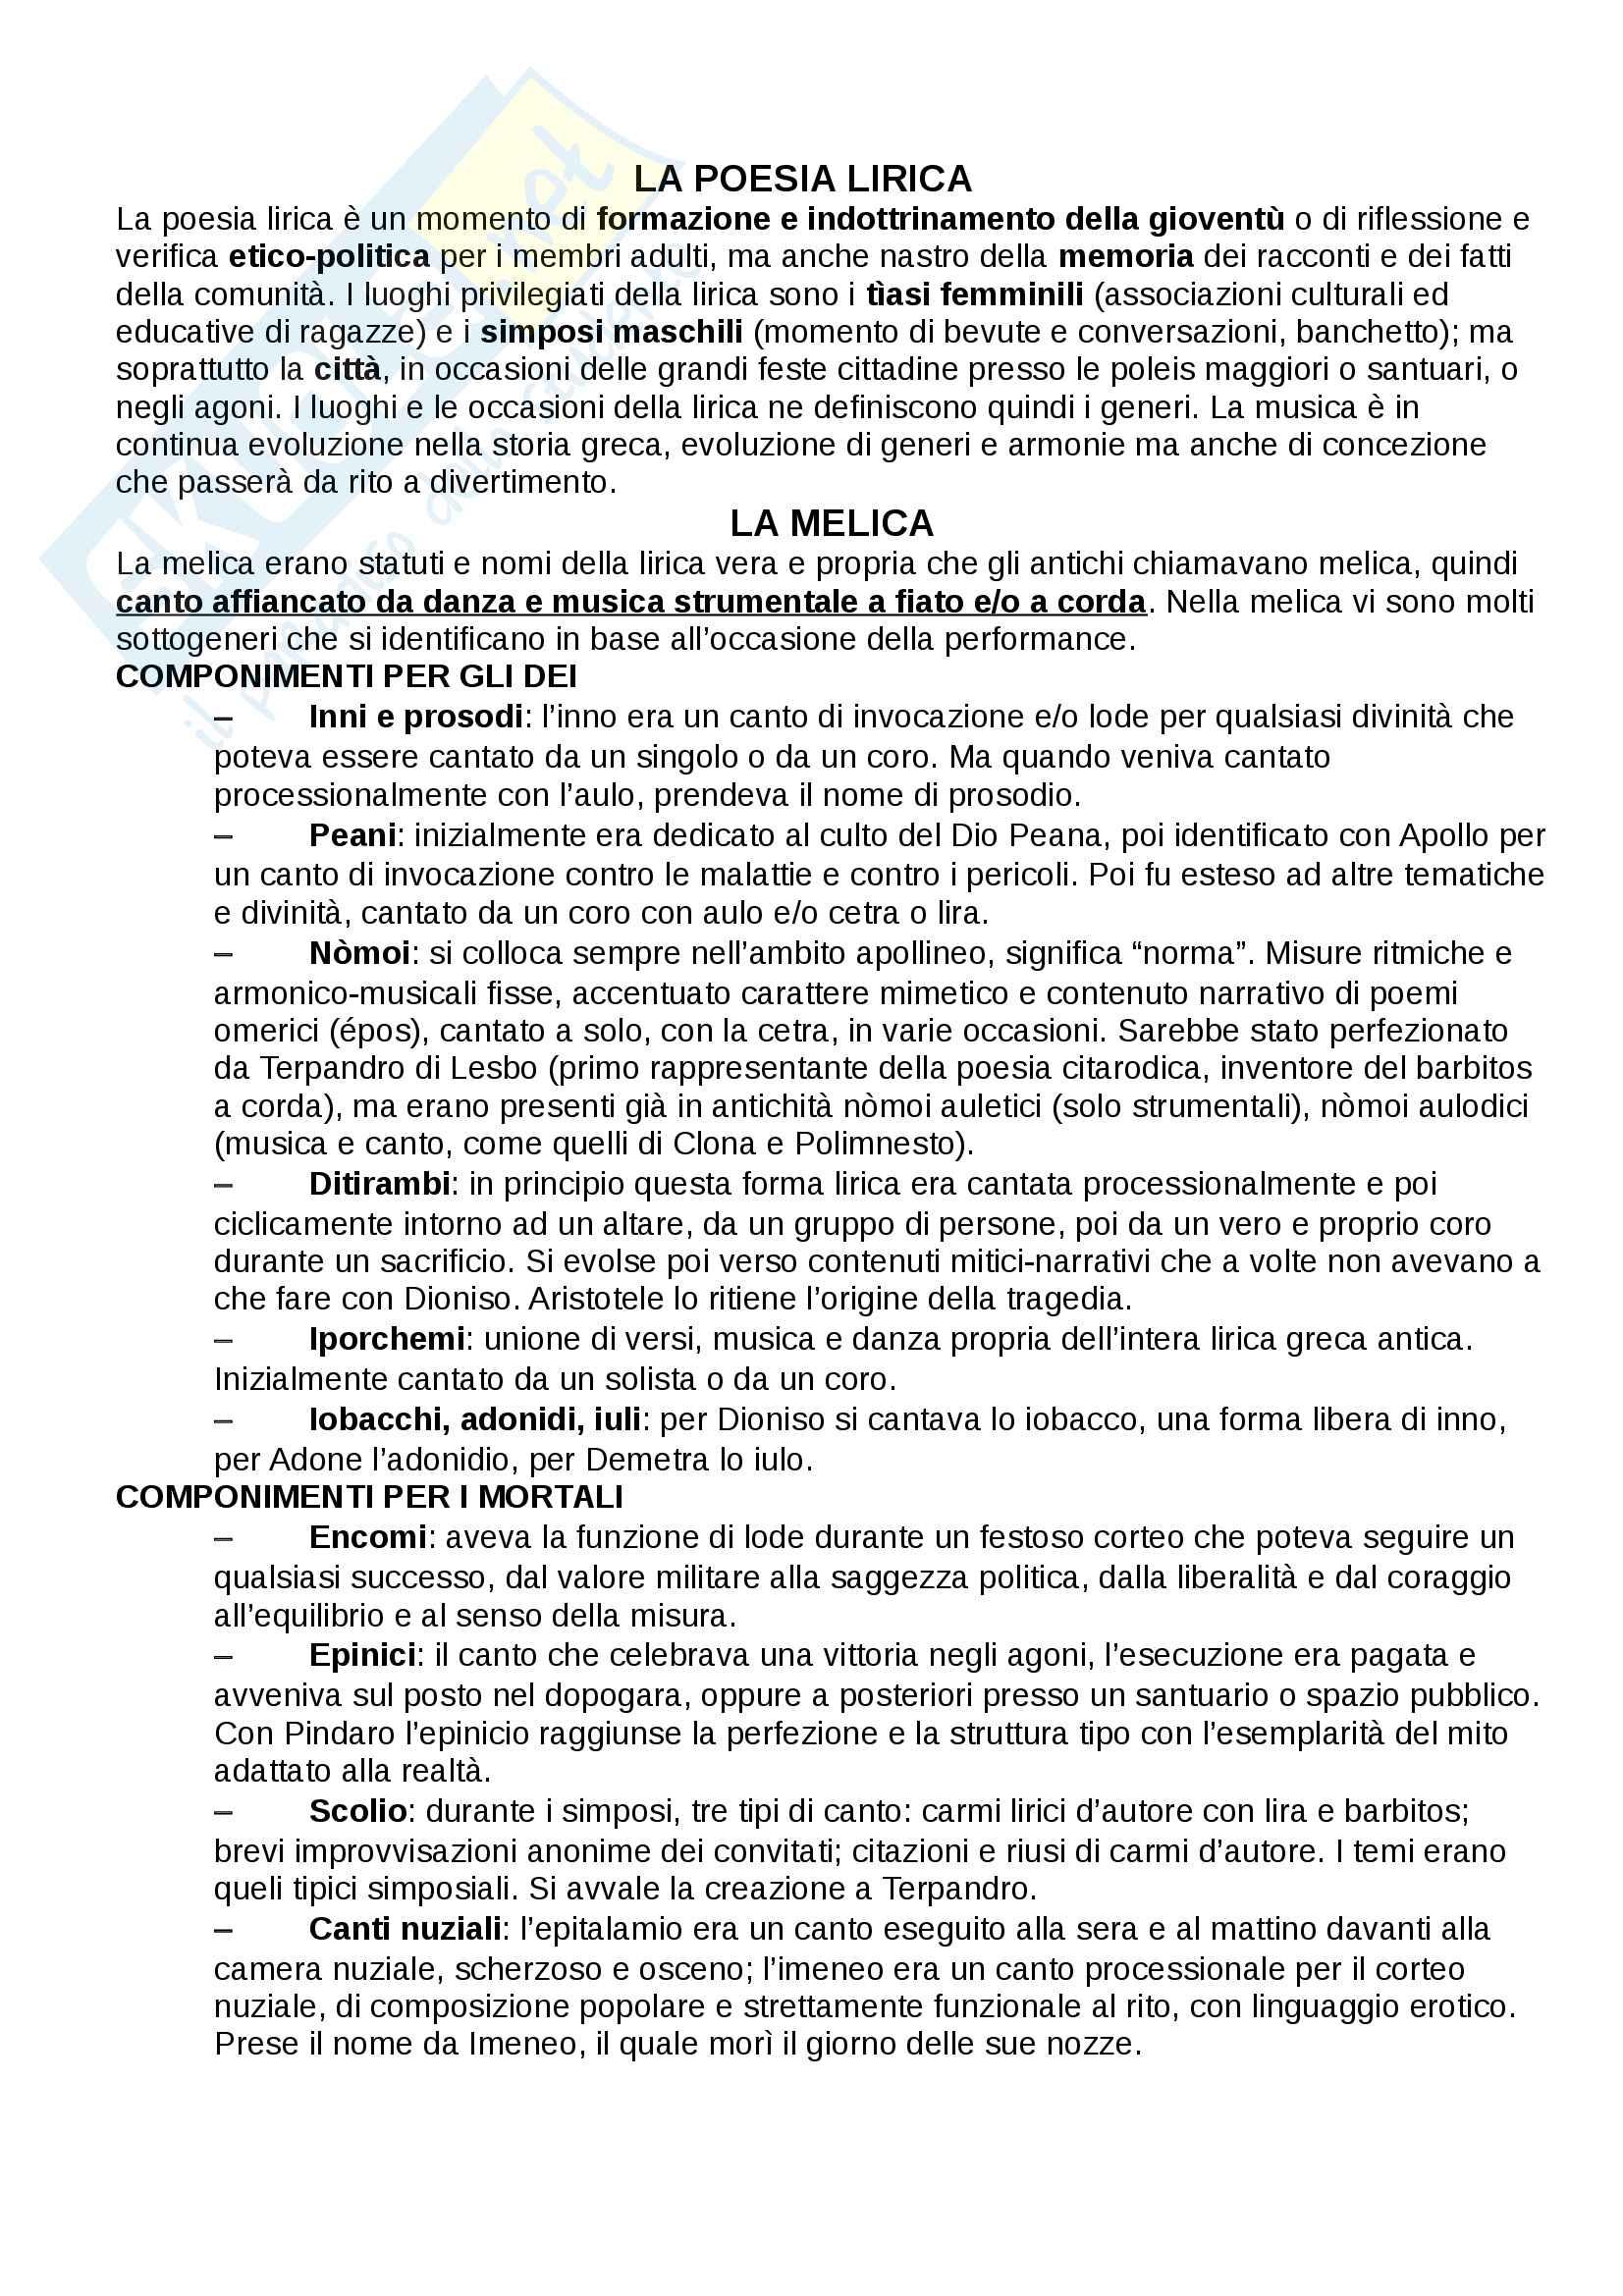 """Riassunto esame Storia della musica greca, prof. Meriani, libro consigliato """"La lirica greca"""" C. Neri, Carocci editore"""